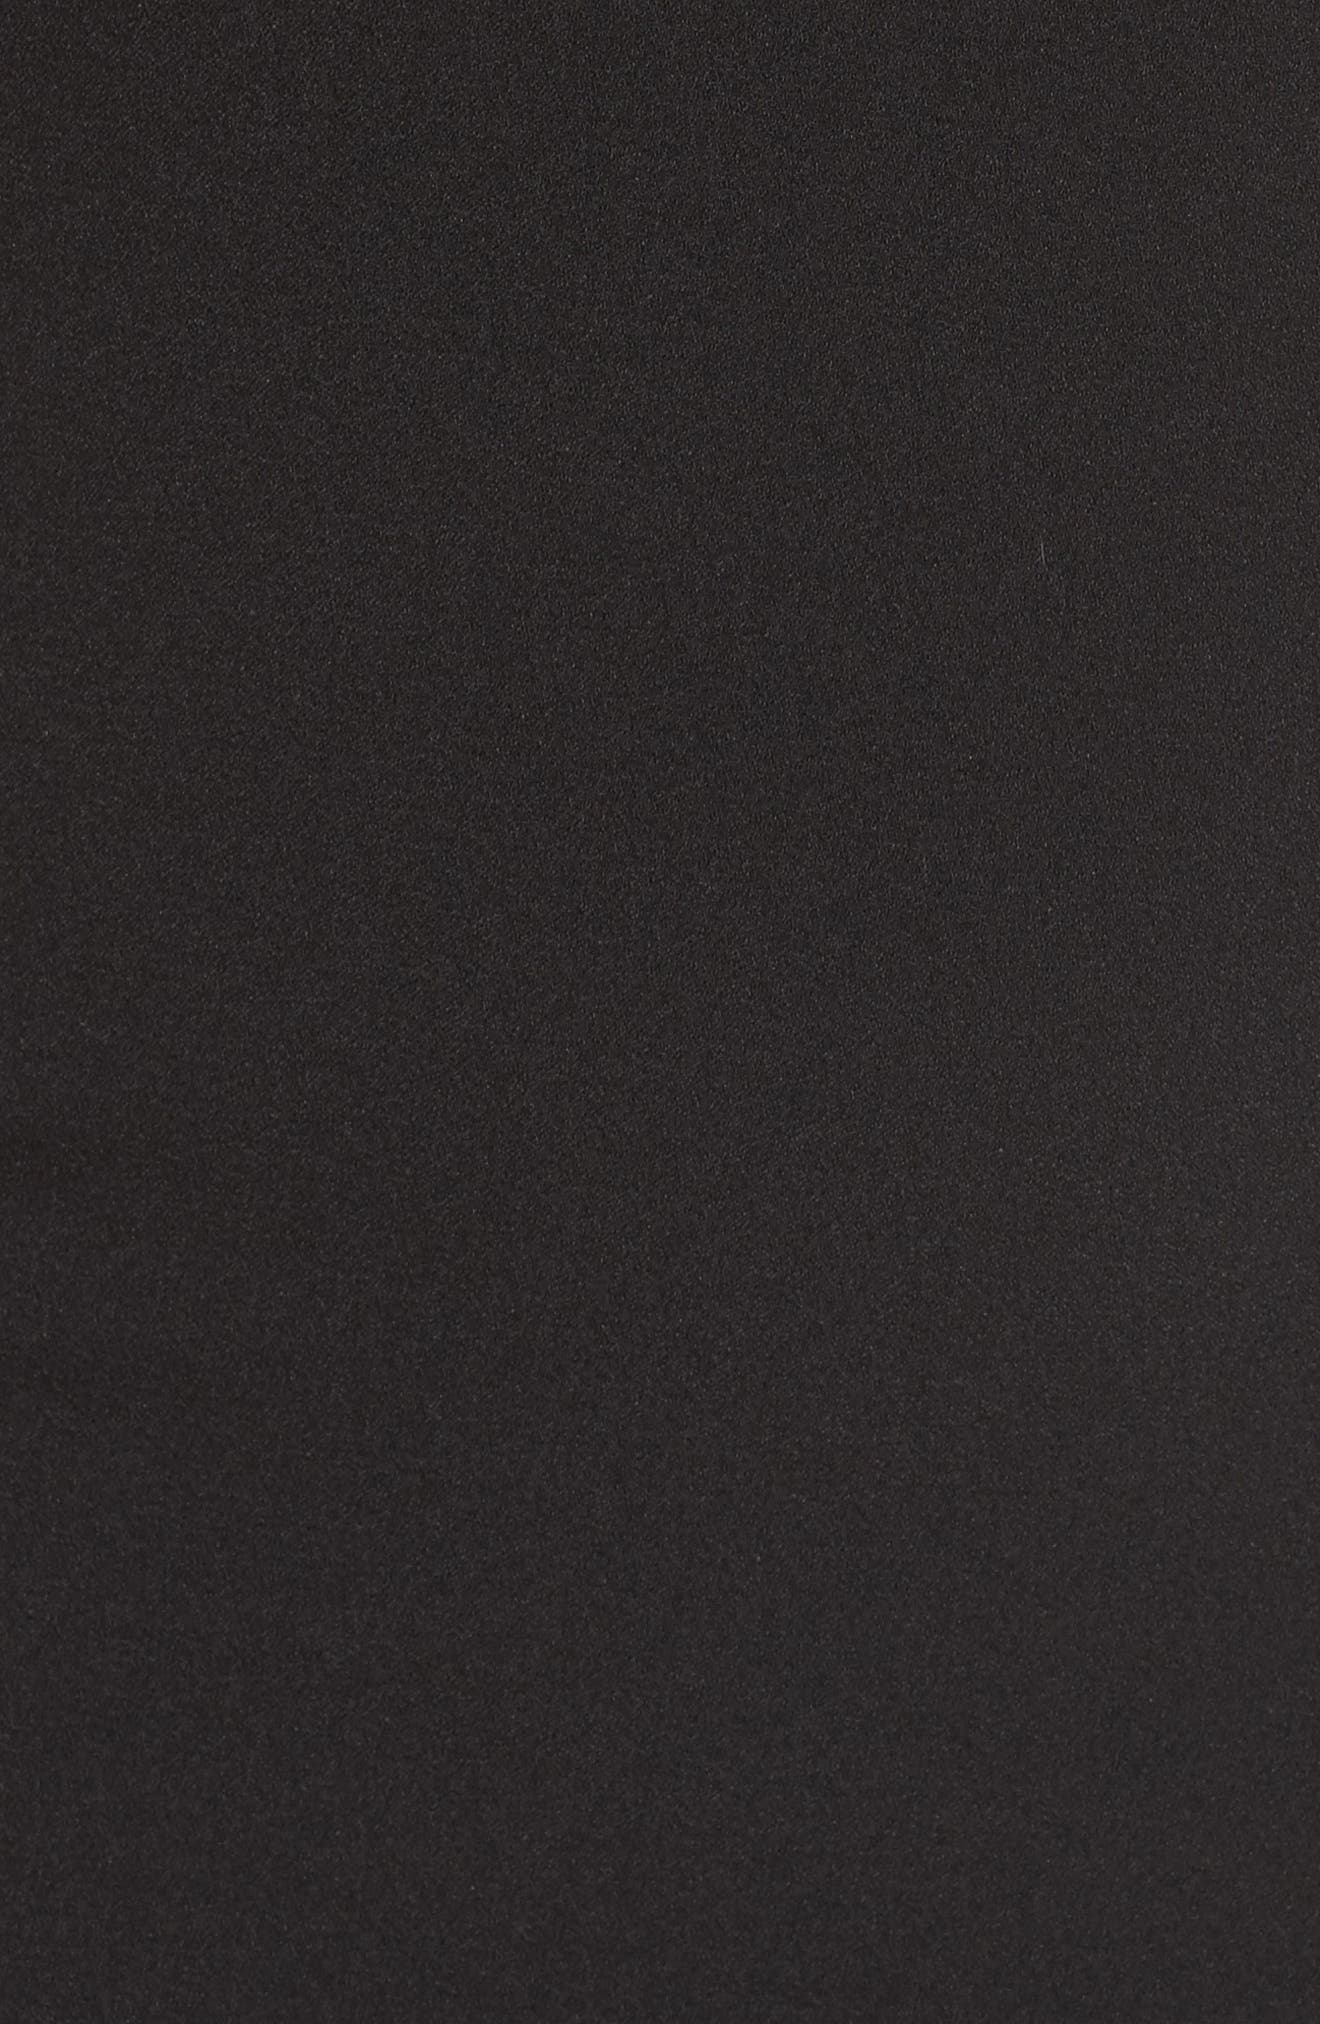 Flutter Sleeve Shift Dress,                             Alternate thumbnail 5, color,                             001